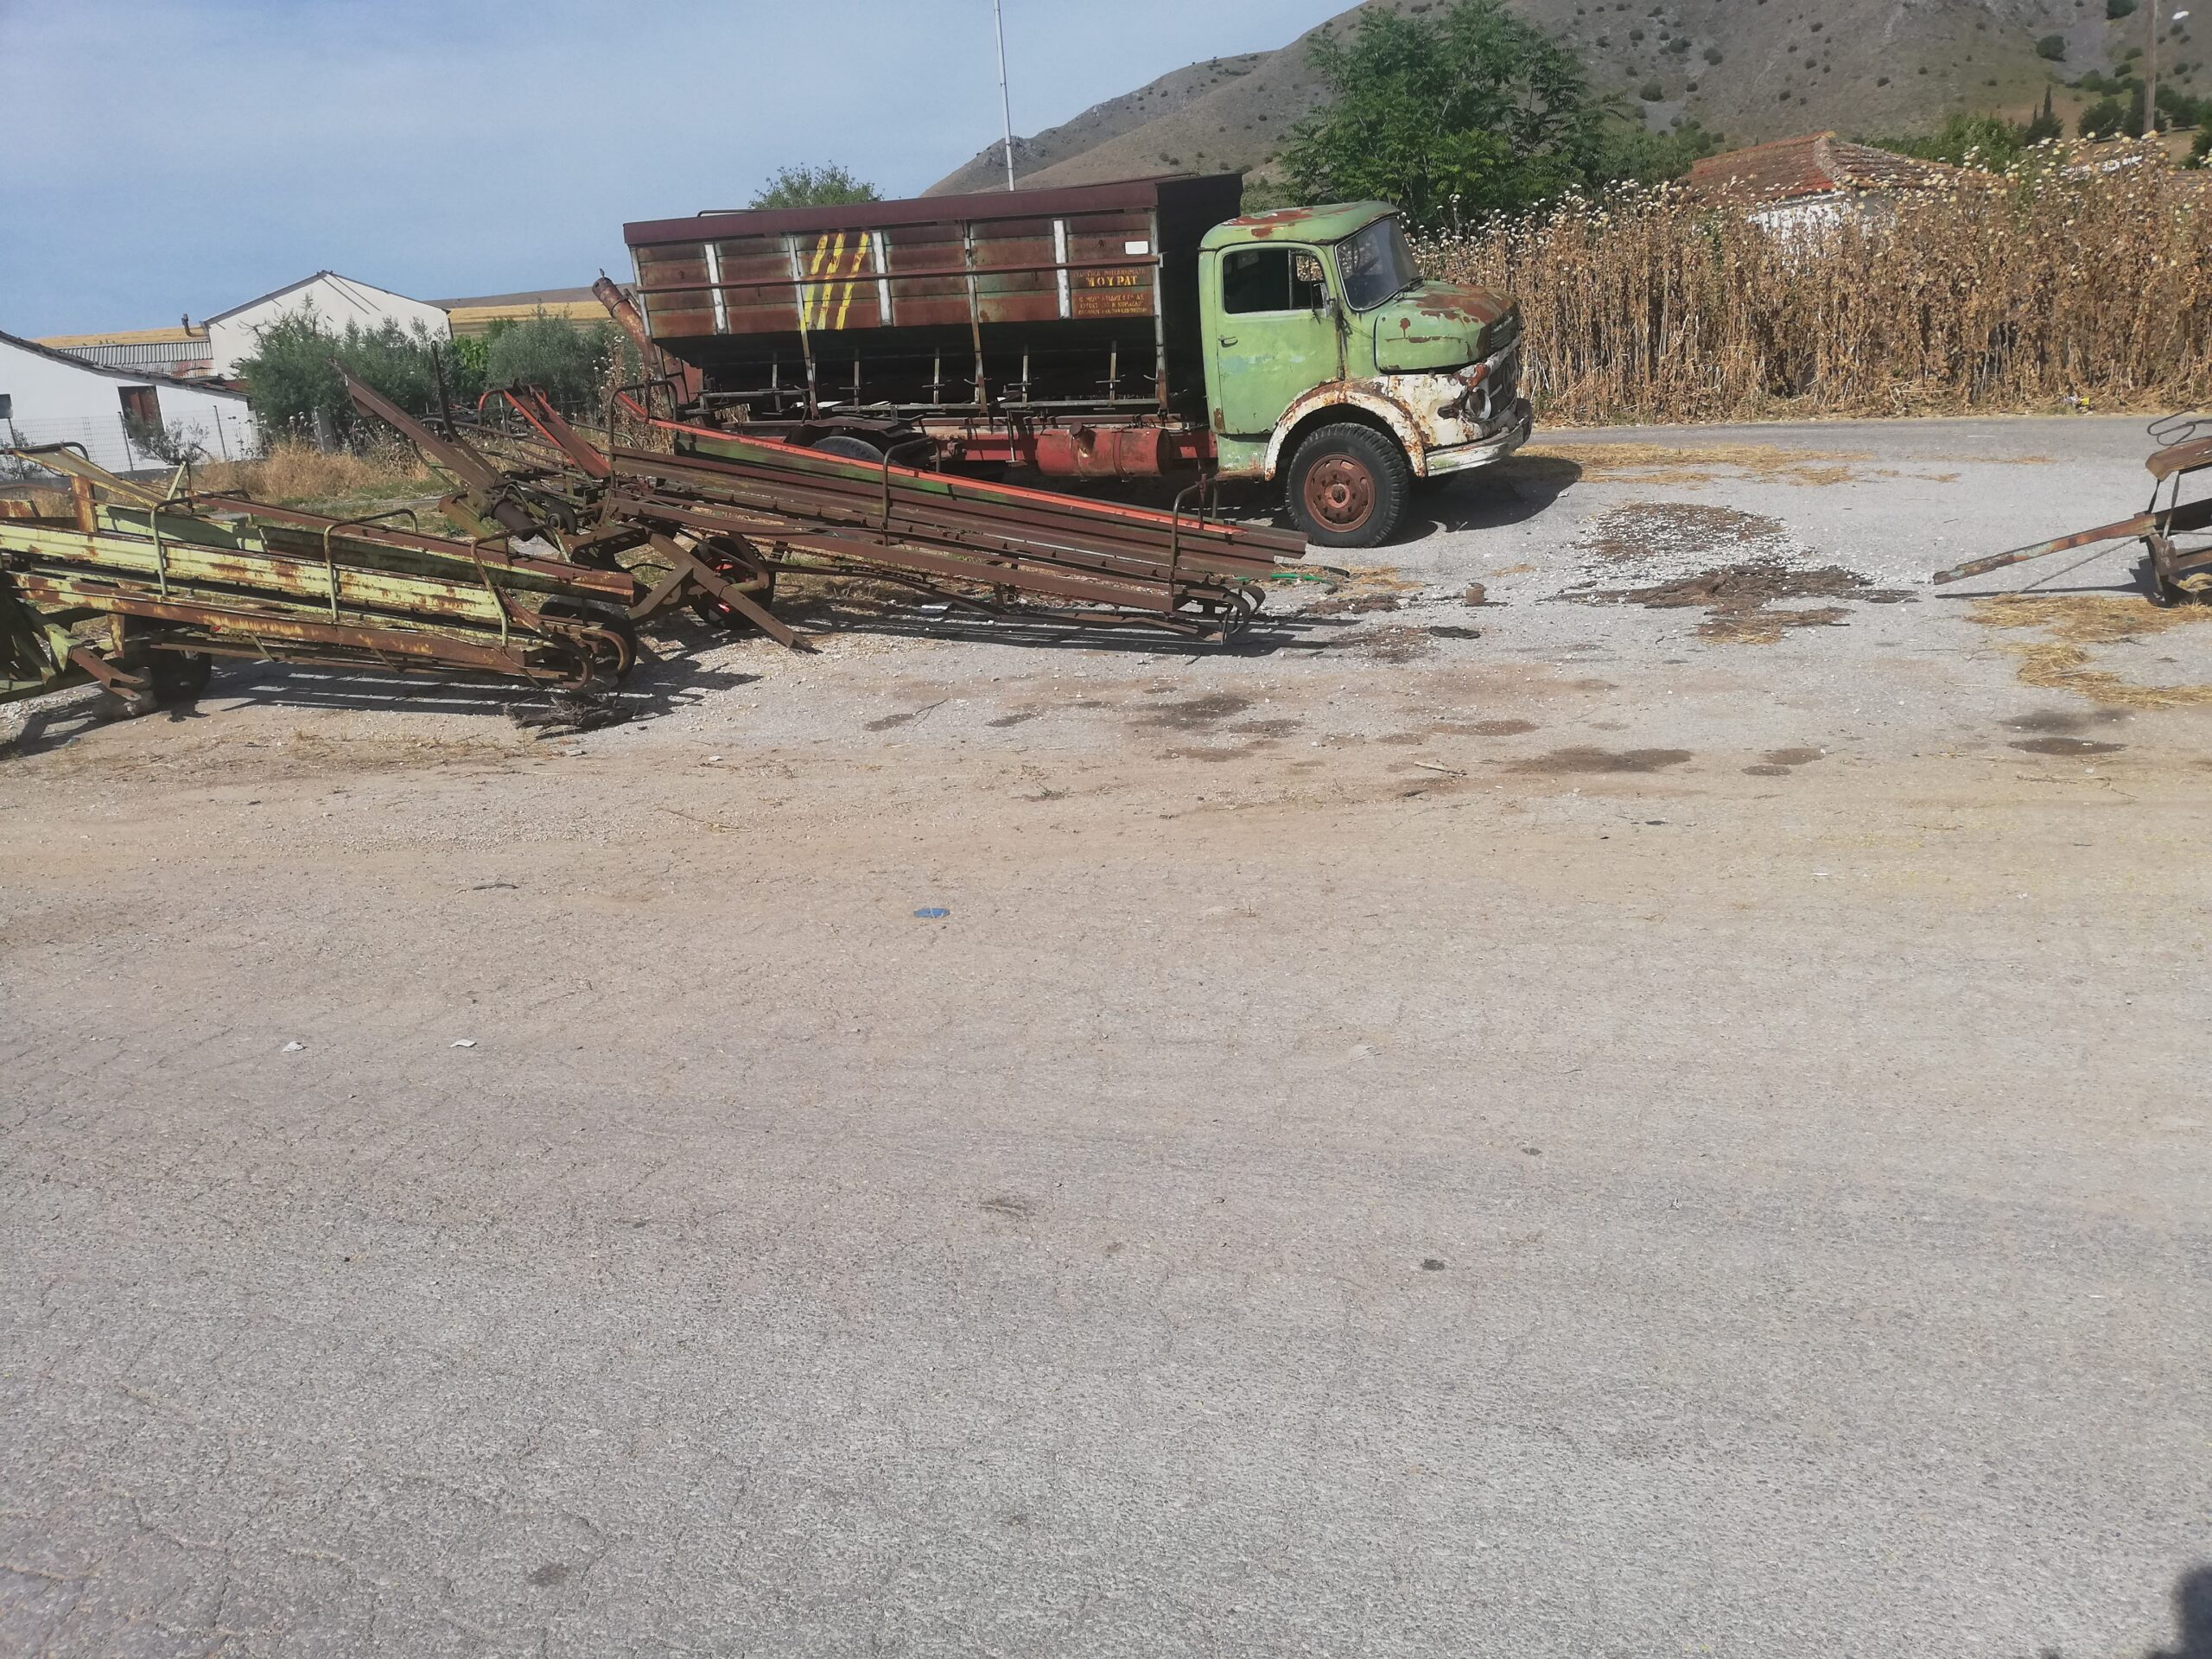 Αυτοψία της παράταξης Λάρισα Μπροστά: Σκουπίδια και μπάζα παντού στην Αμυγδαλέα